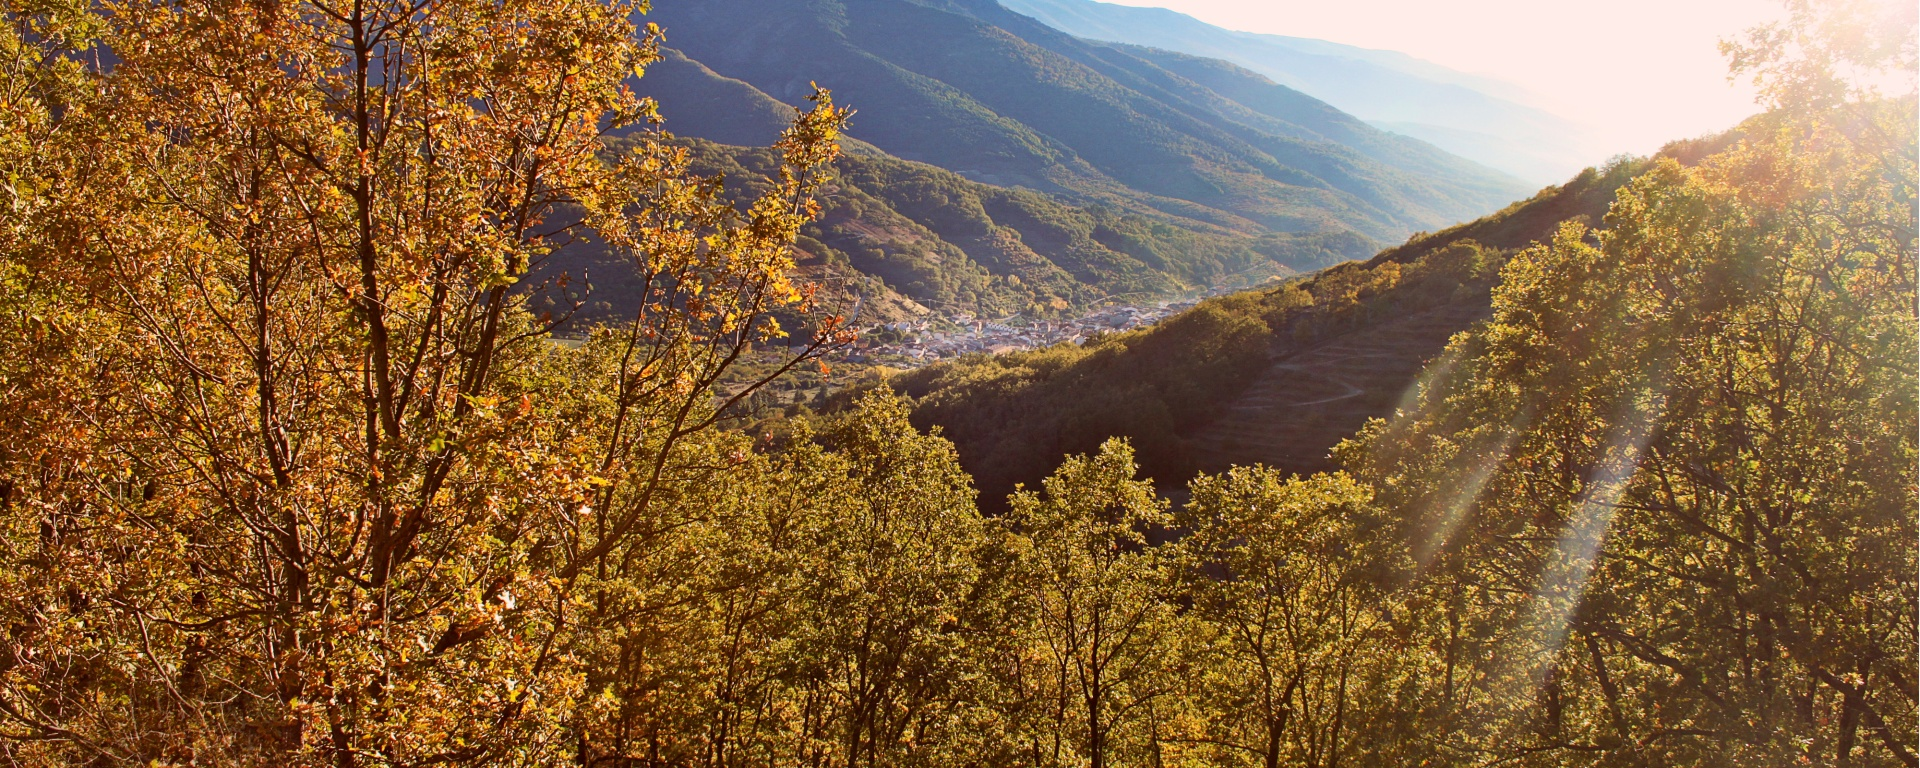 Otoño en el Puerto de Tornavacas - Valle del Jerte - Valle Cereza